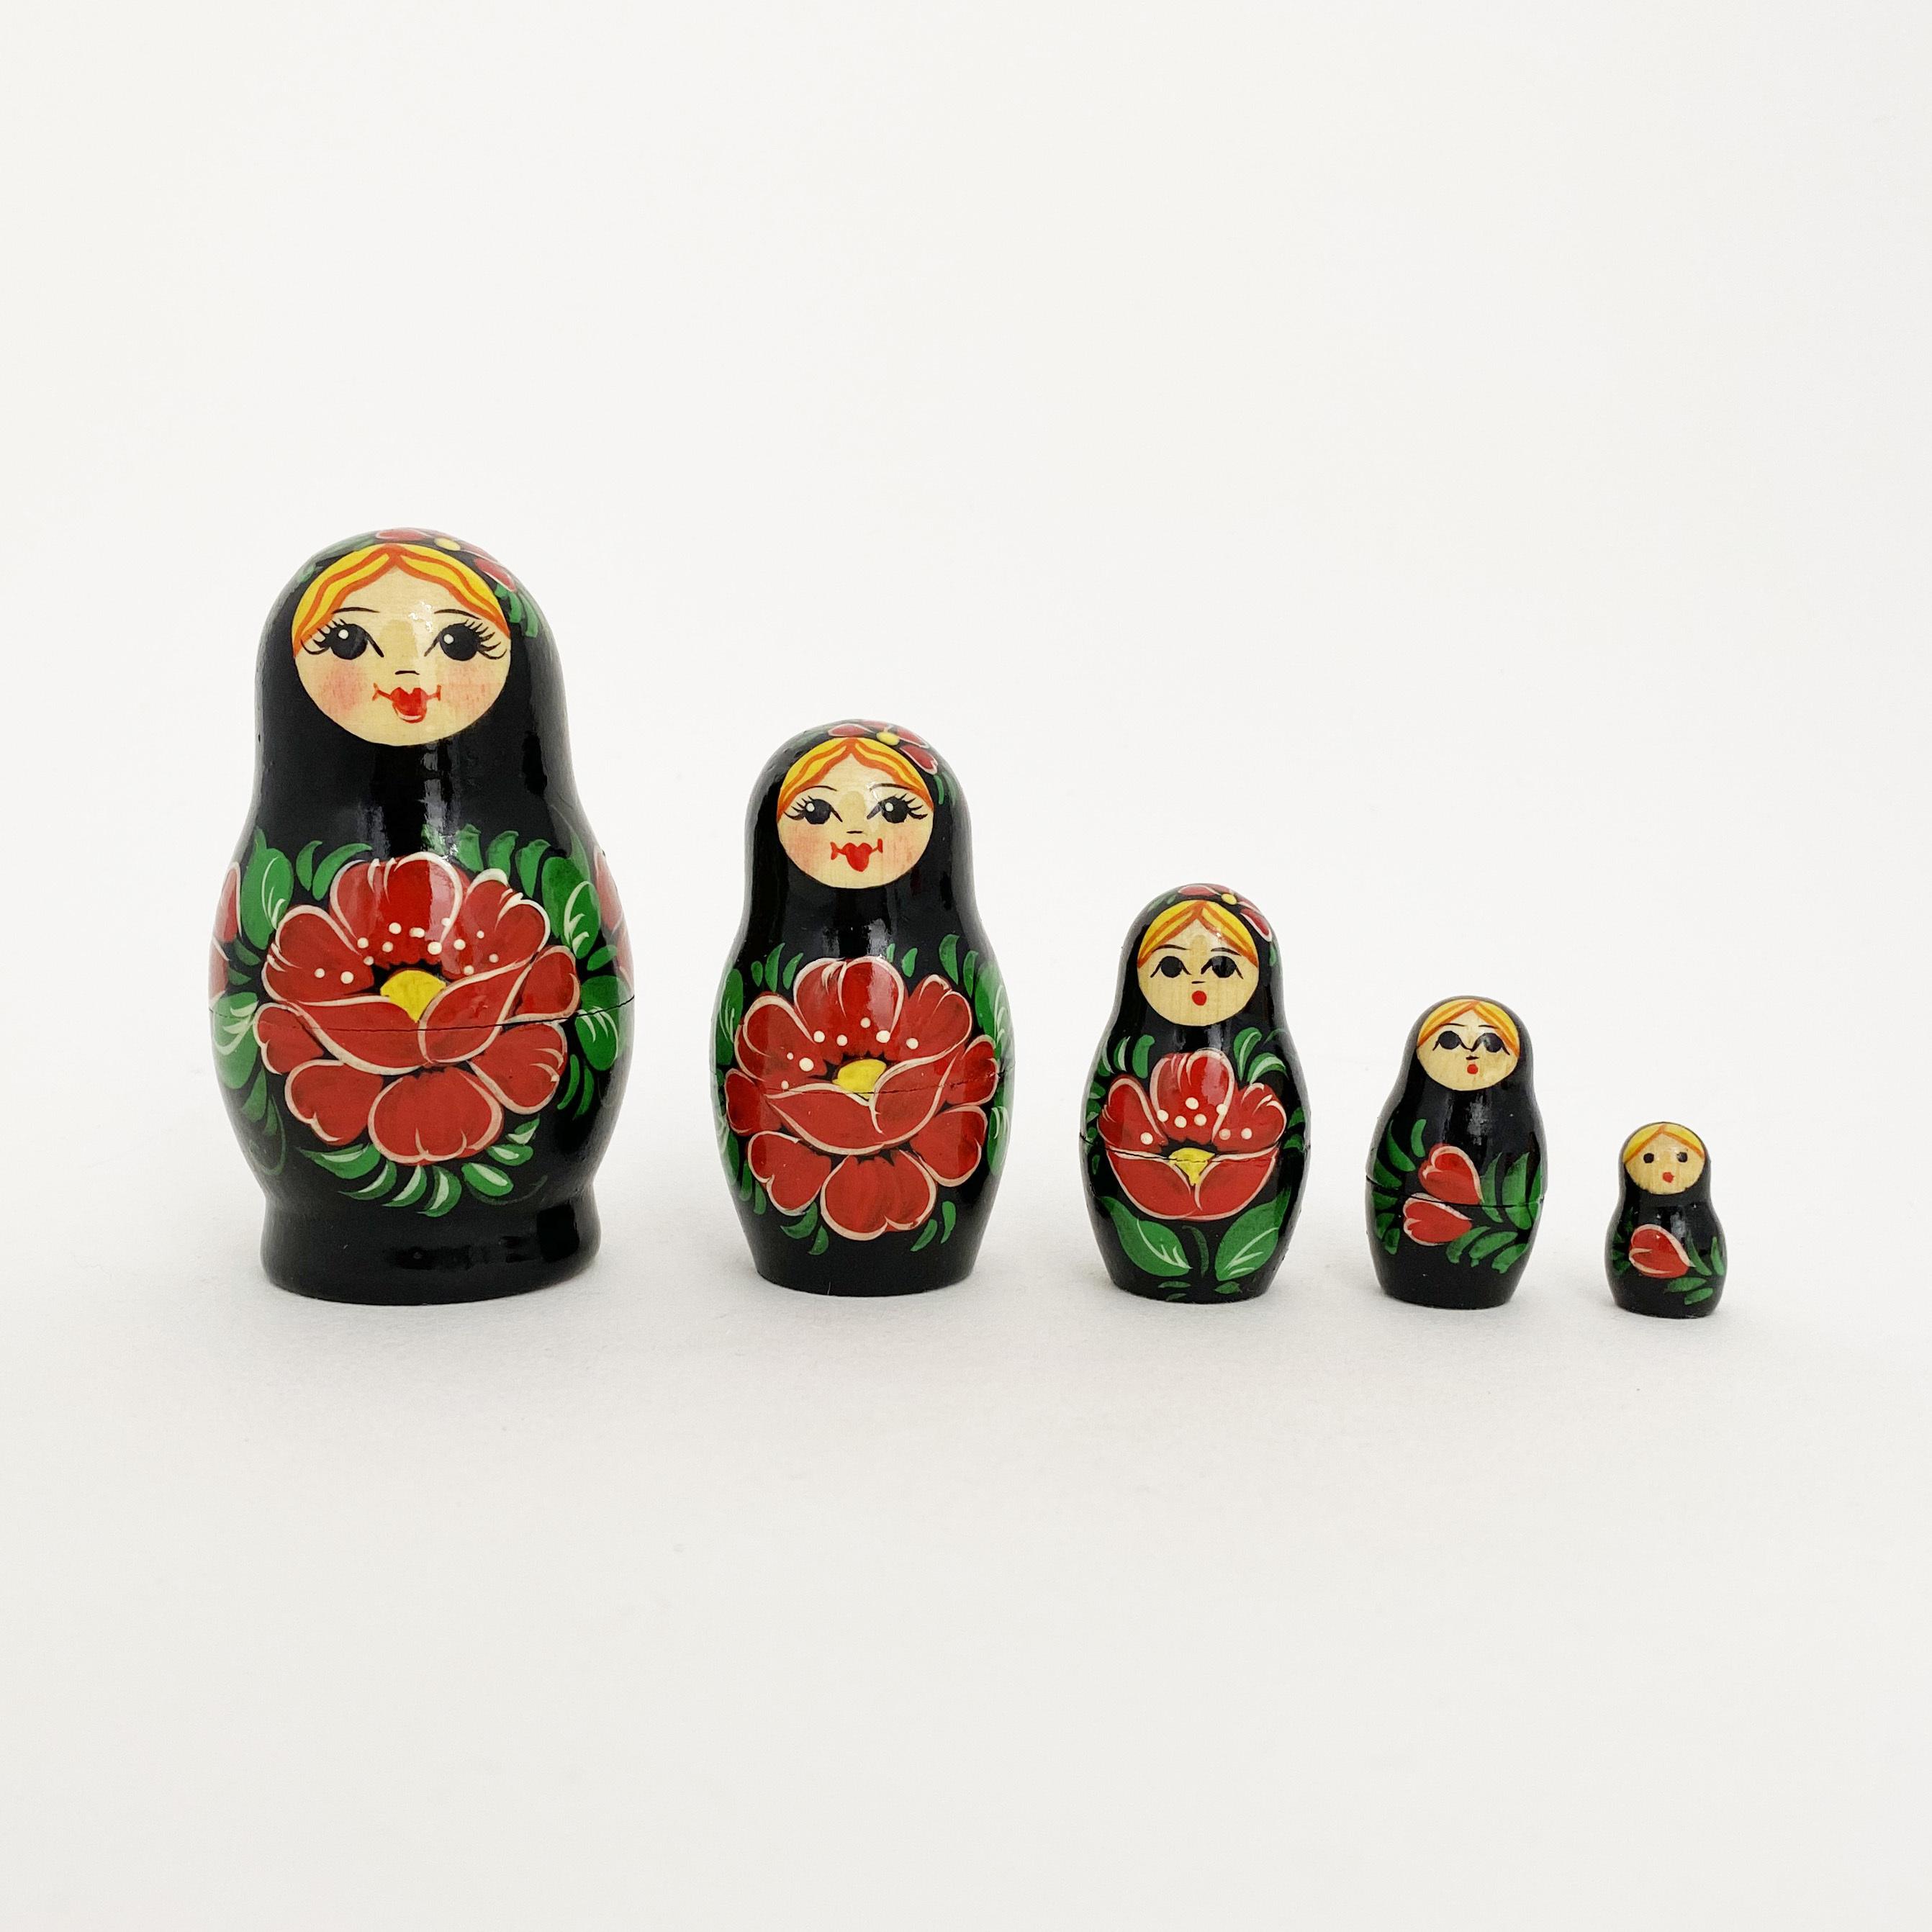 ノーリンスク産マトリョーシカ/赤い花5個組